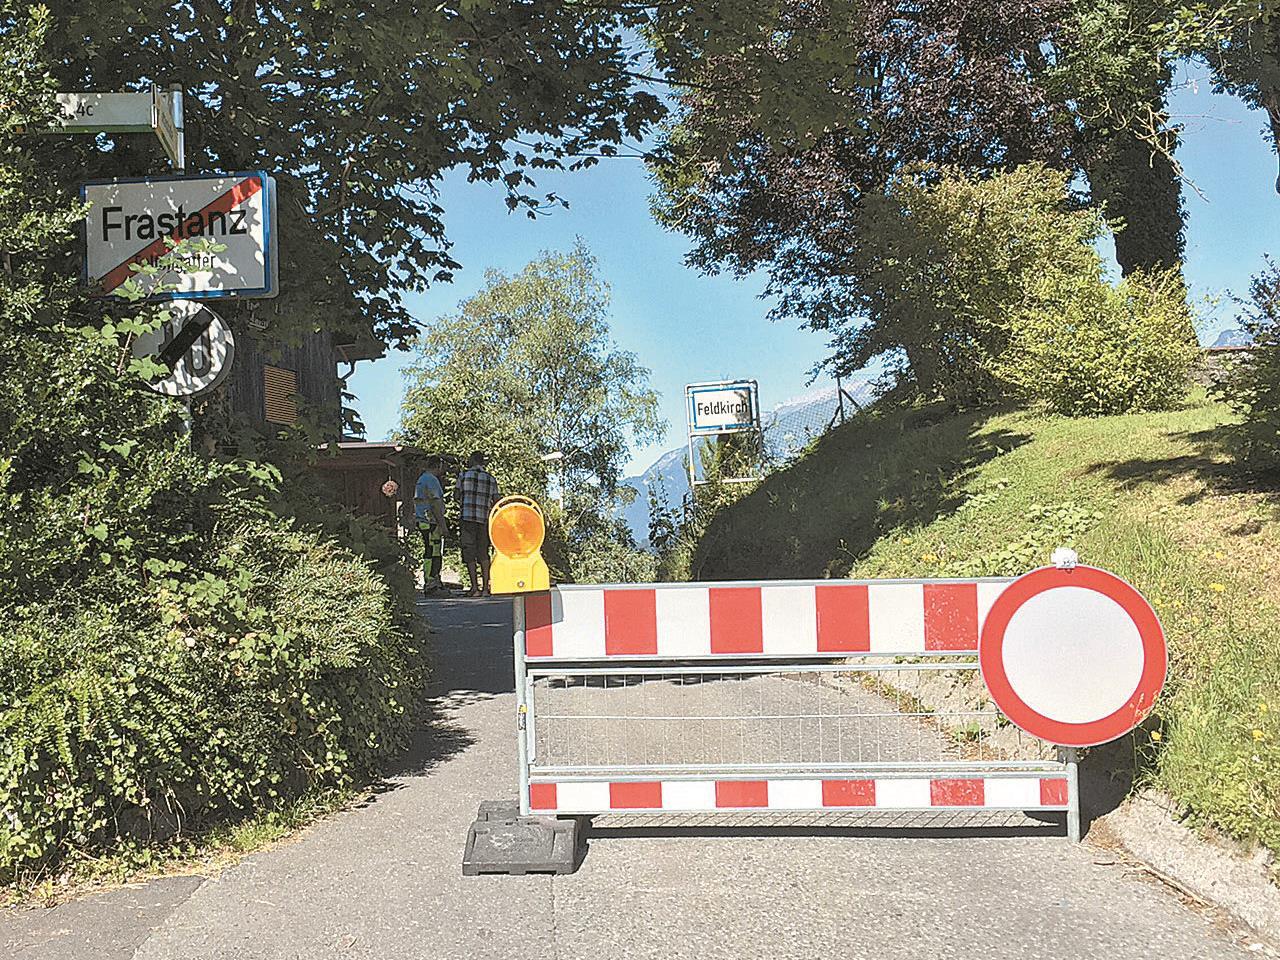 Bis voraussichtlich 5. August ist die Letzestraße für den gesamten Fahrzeugverkehr gesperrt.